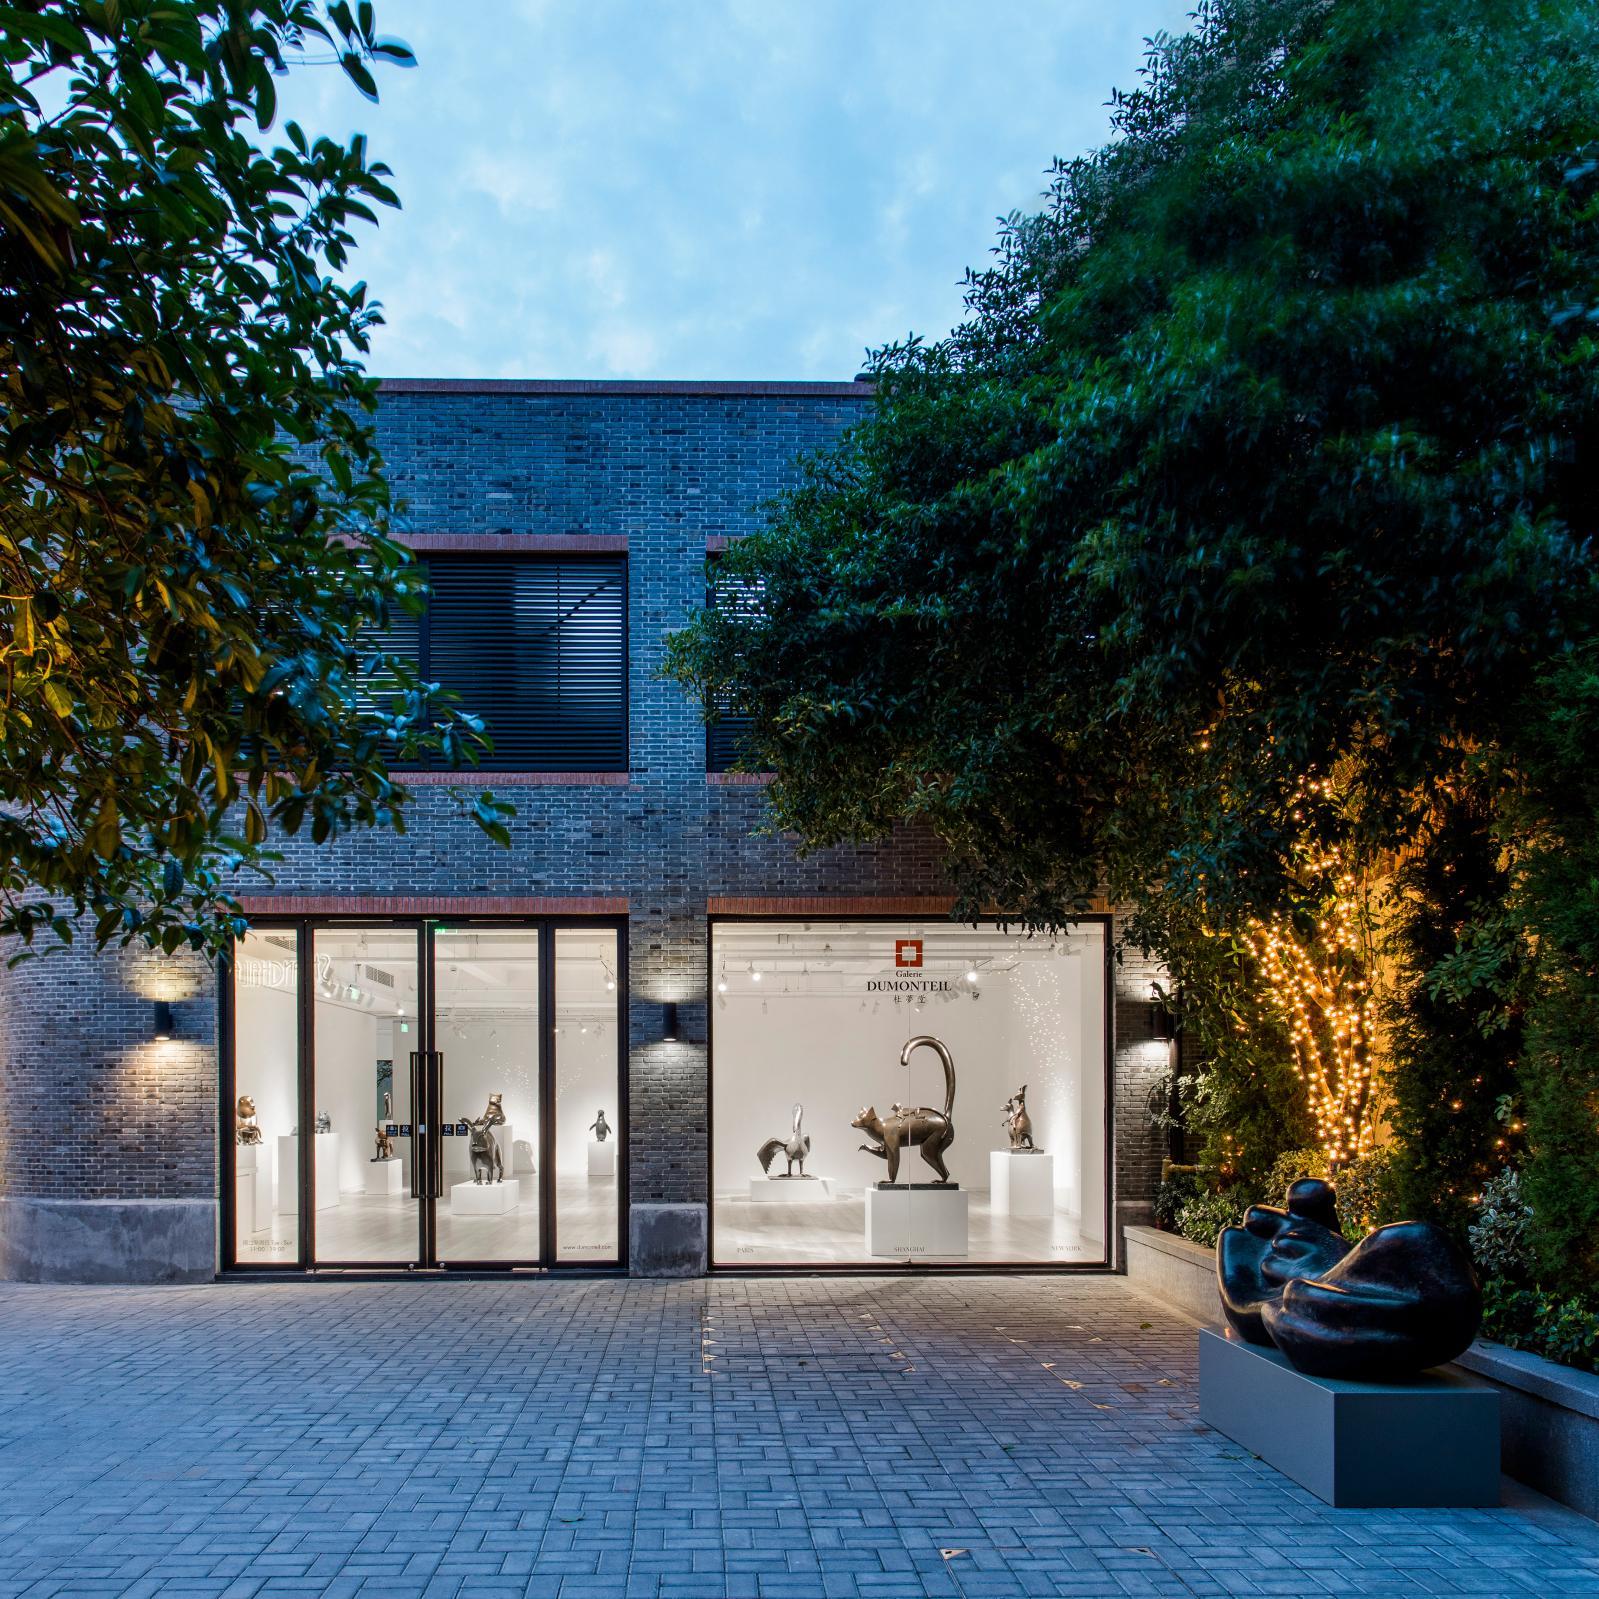 La galerie Dumonteil a ouvert un espace à Shanghai en 2008.